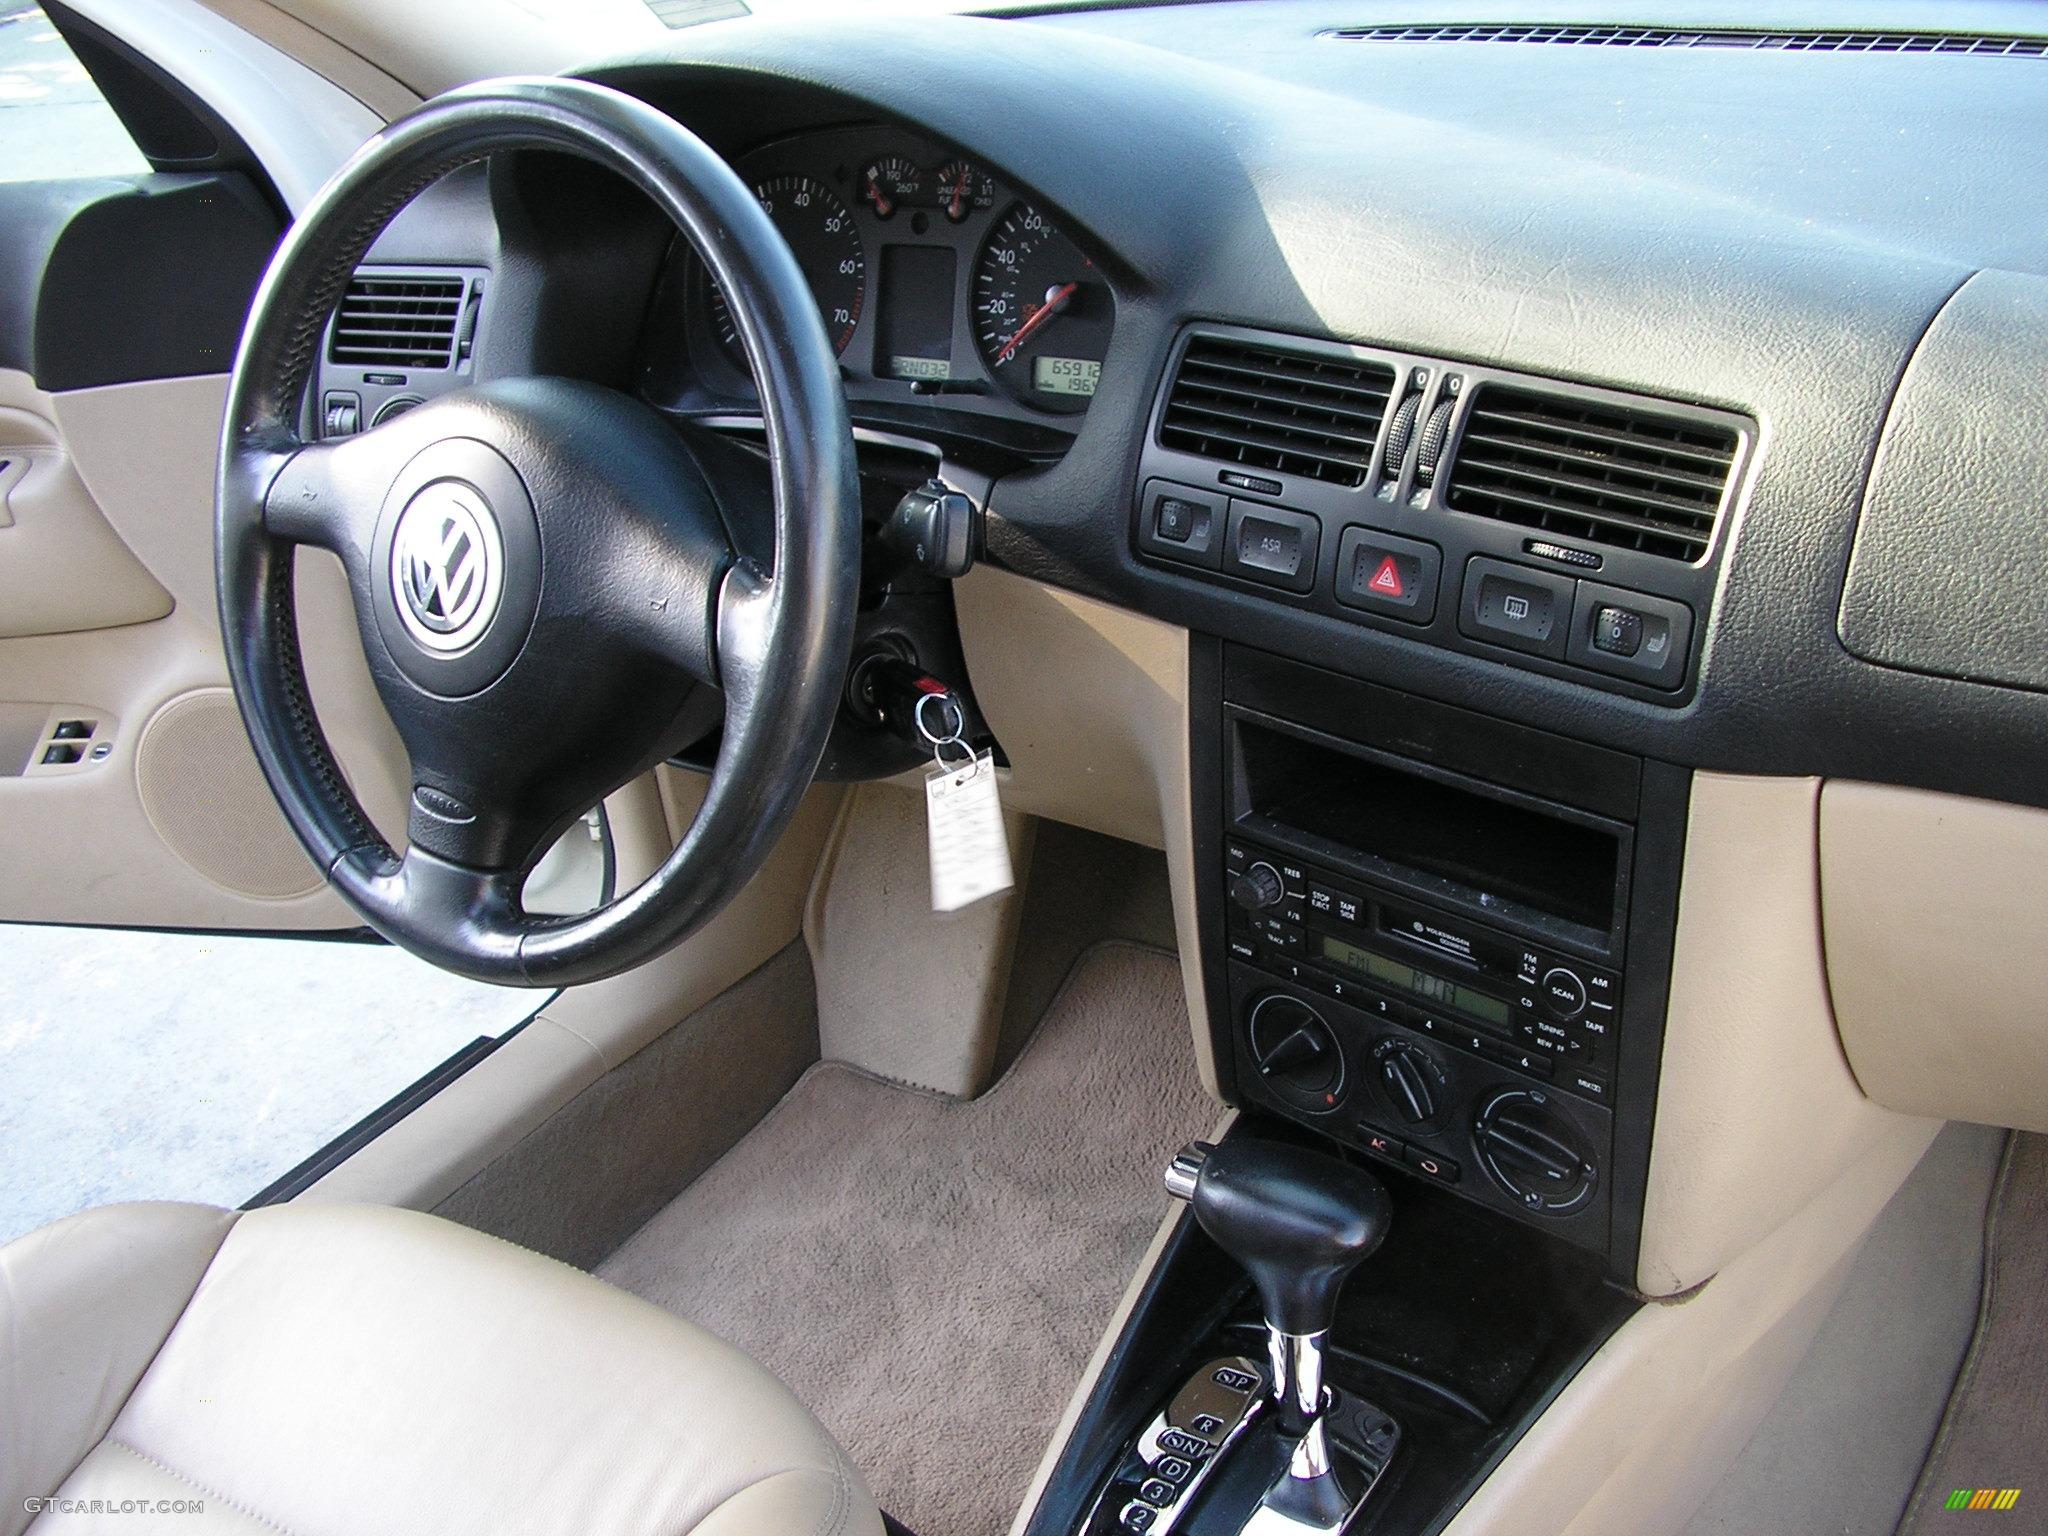 2001 Snow White Volkswagen Jetta Gls Vr6 Sedan 164157 Photo 12 Beige Leather